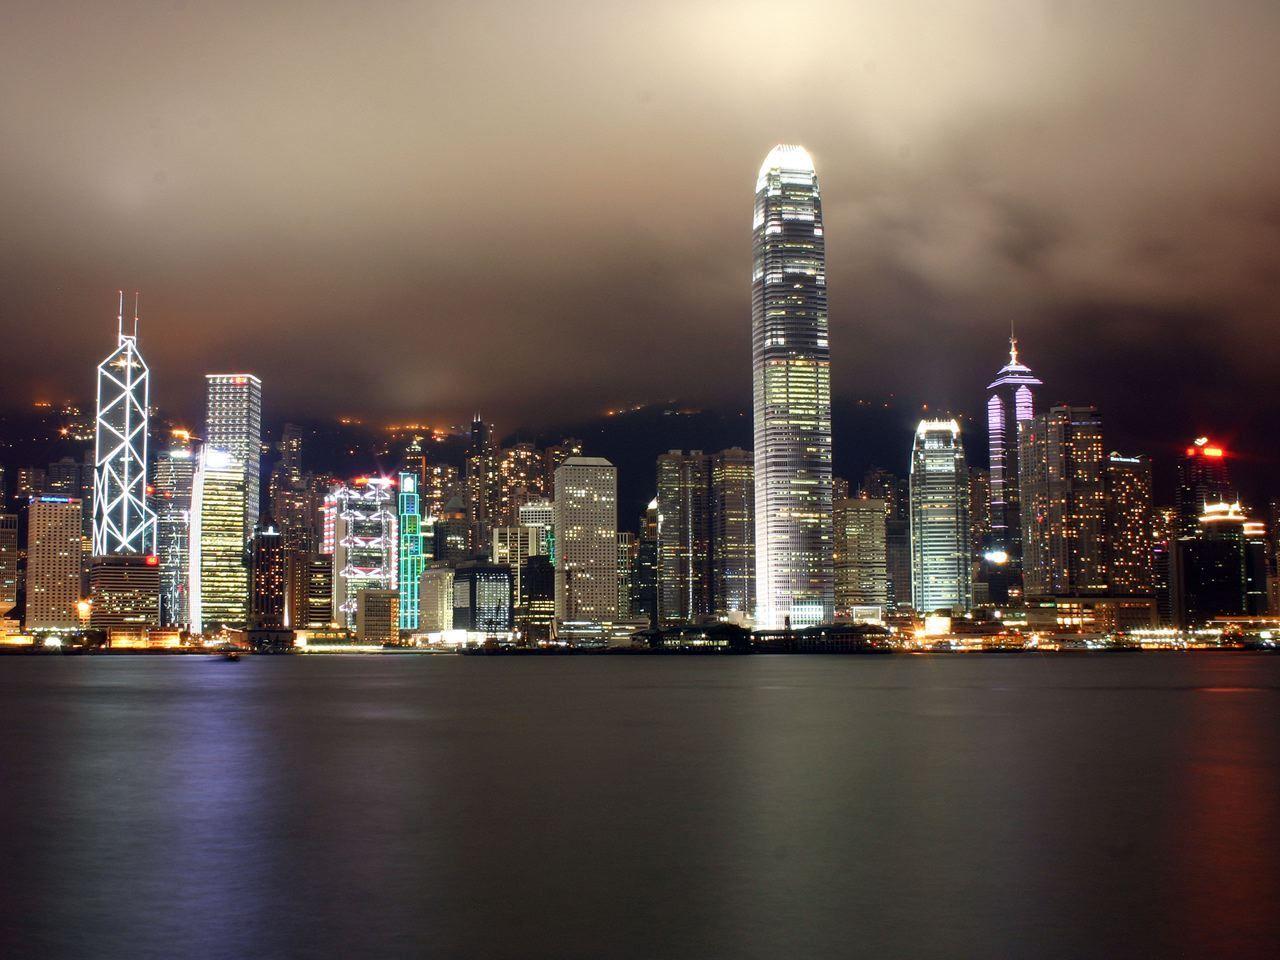 【皇家加勒比海洋航行者号】成都 - 香港 - 冲绳(过夜) - 香港 - 成都6晚7天